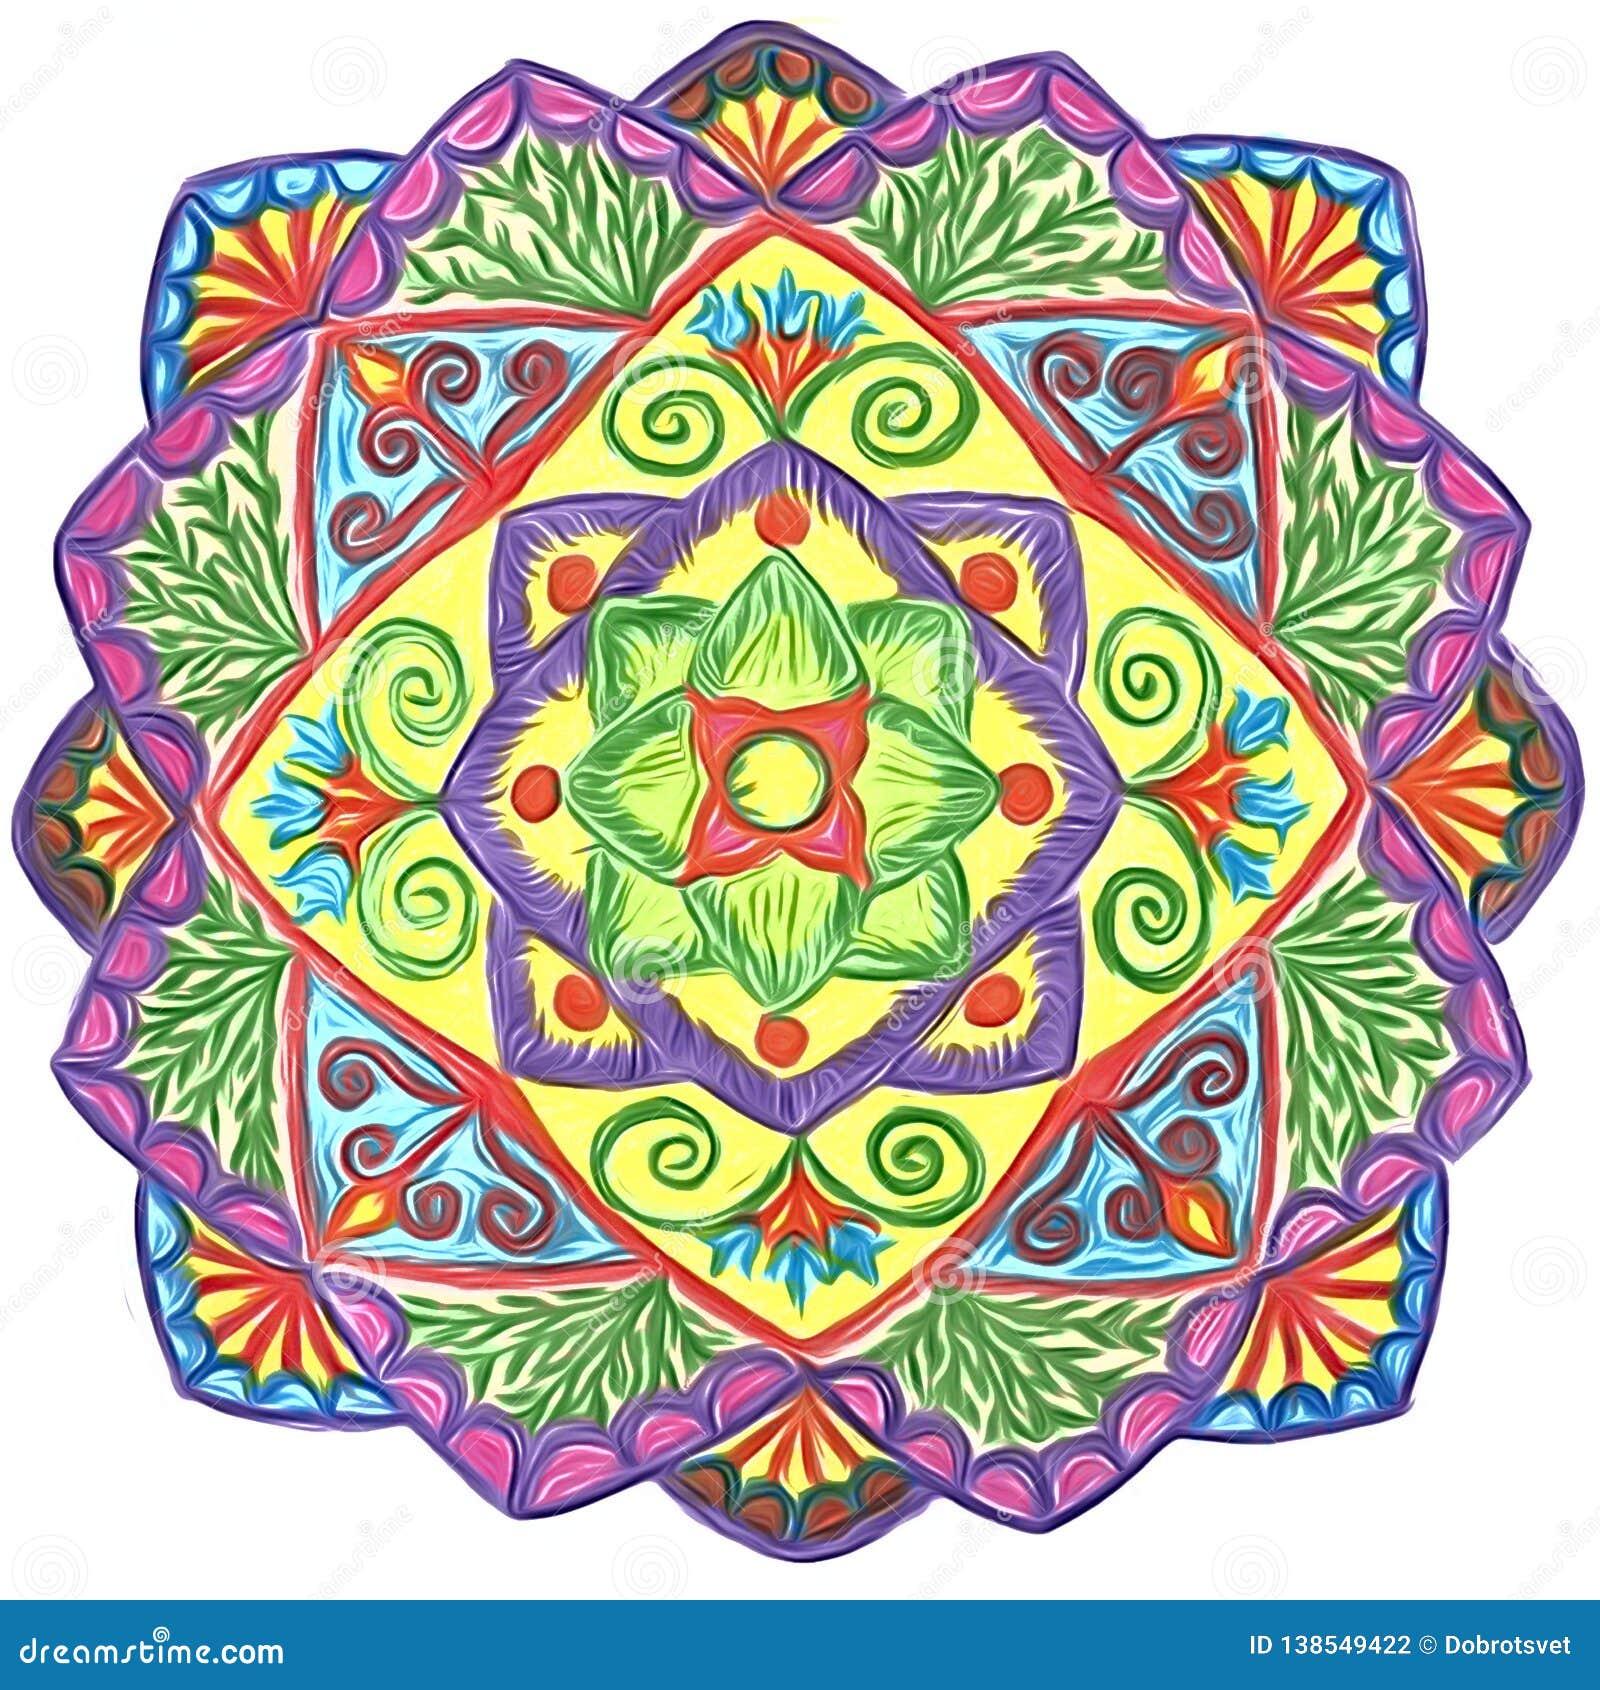 Нарисованный вручную круговой орнамент - мандала с флористическими элементами